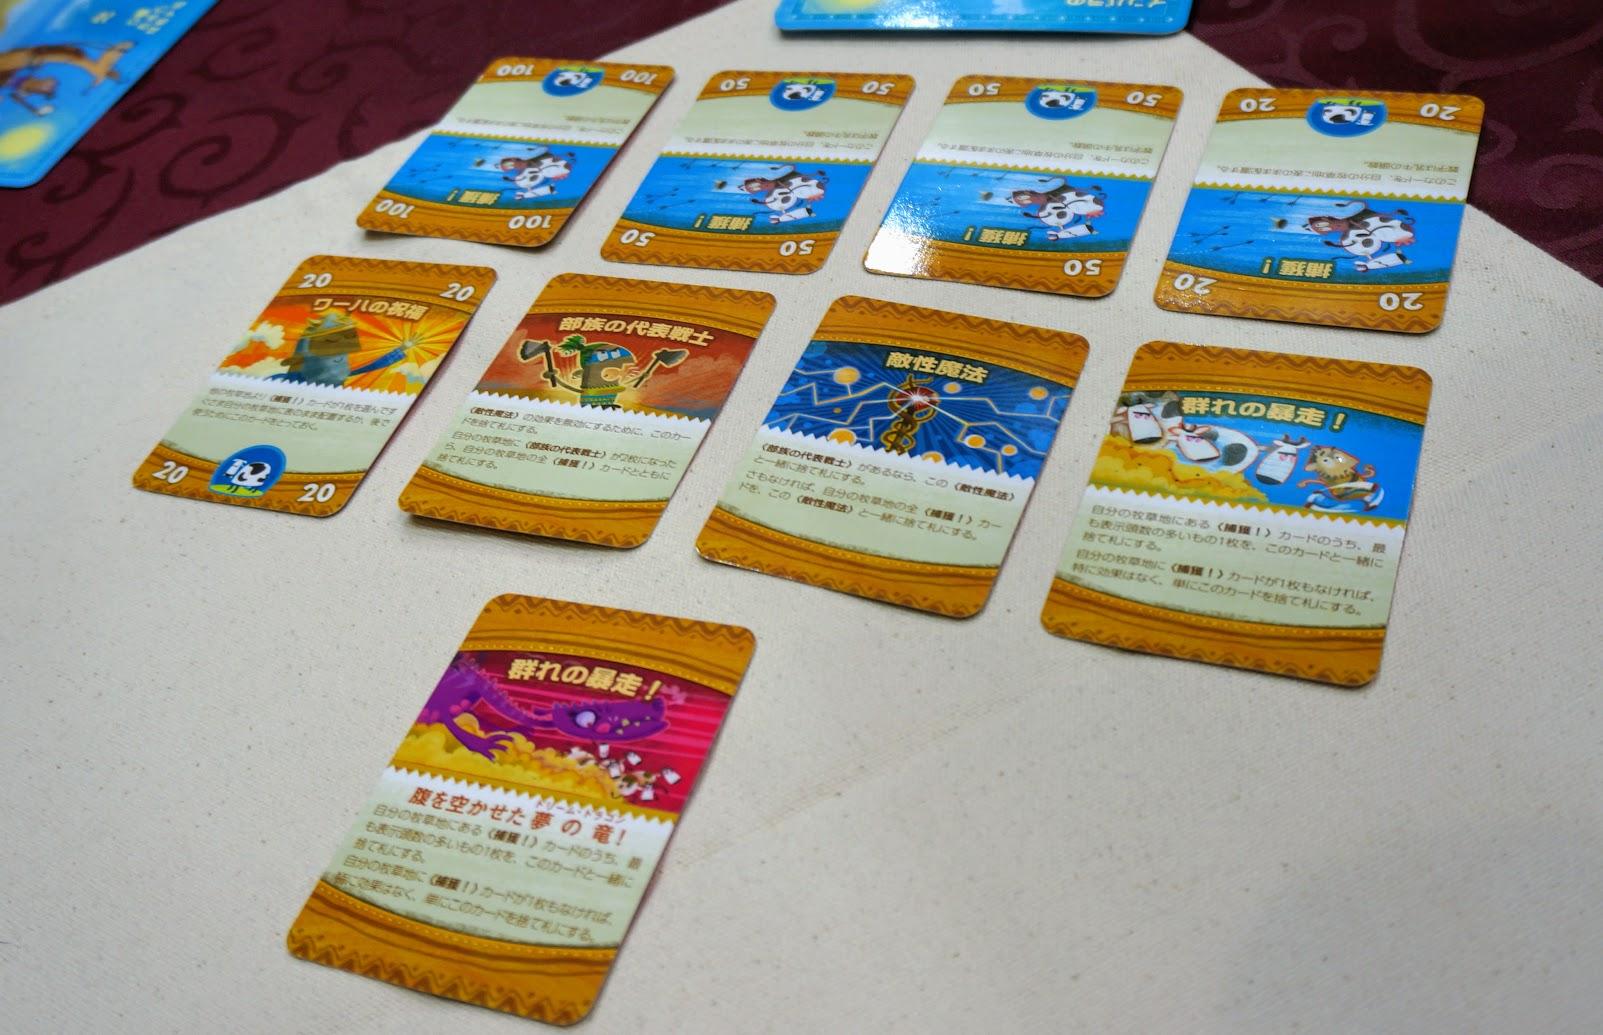 カーン・オブ・カーンズ:カード構成